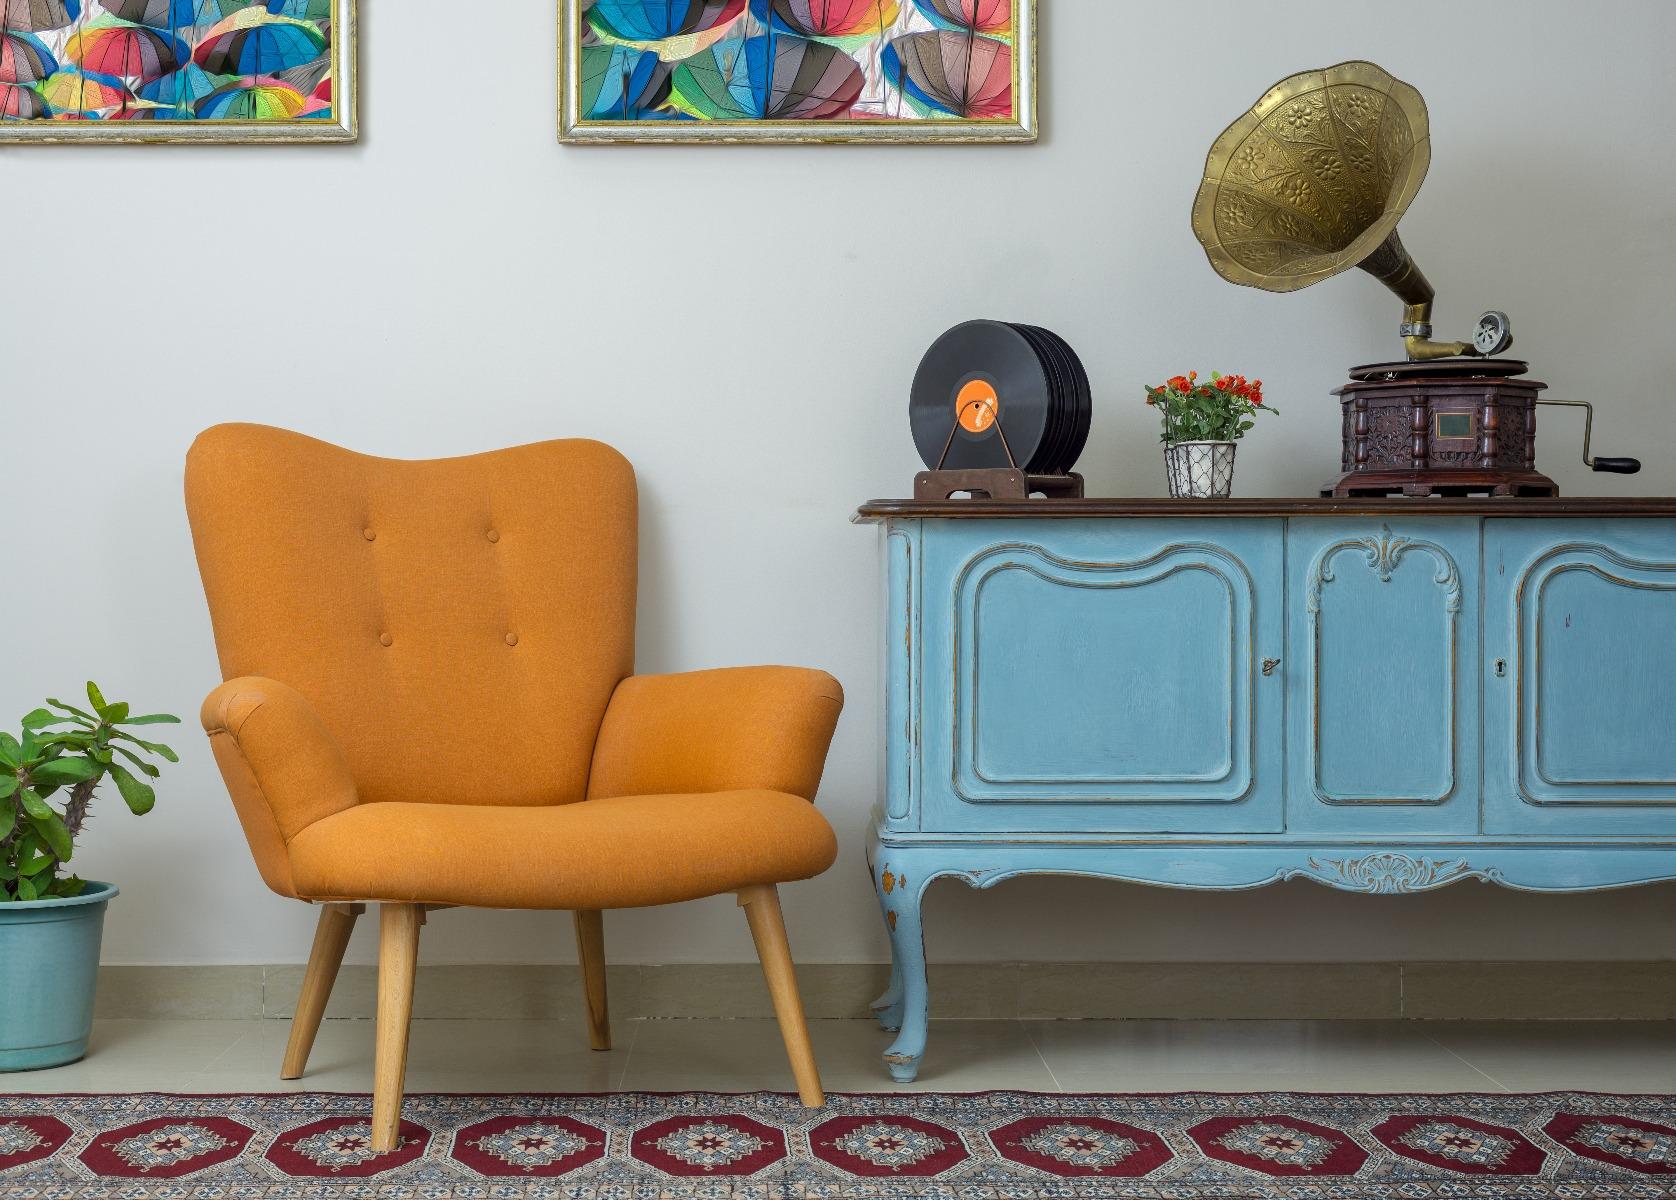 Das Bild zeigt Wohnzimmermöbel im Vintage Stil.